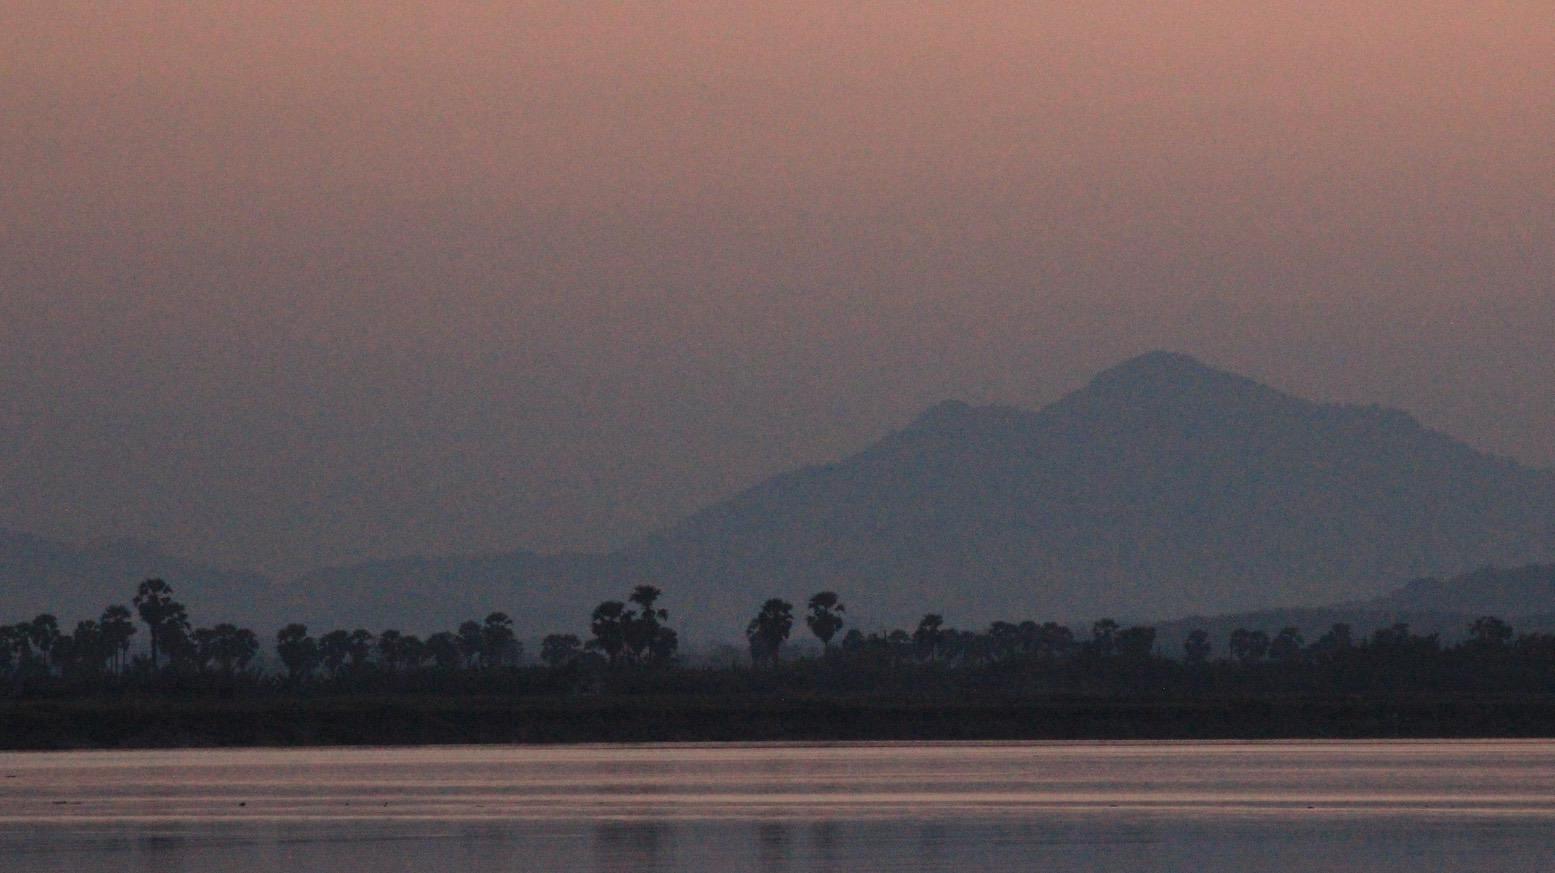 El%C3%ADas Escribano en Birmania por Navidad06 - Perlé desea FELIZ NAVIDAD a todos sus seguidoresdesde Birmania.